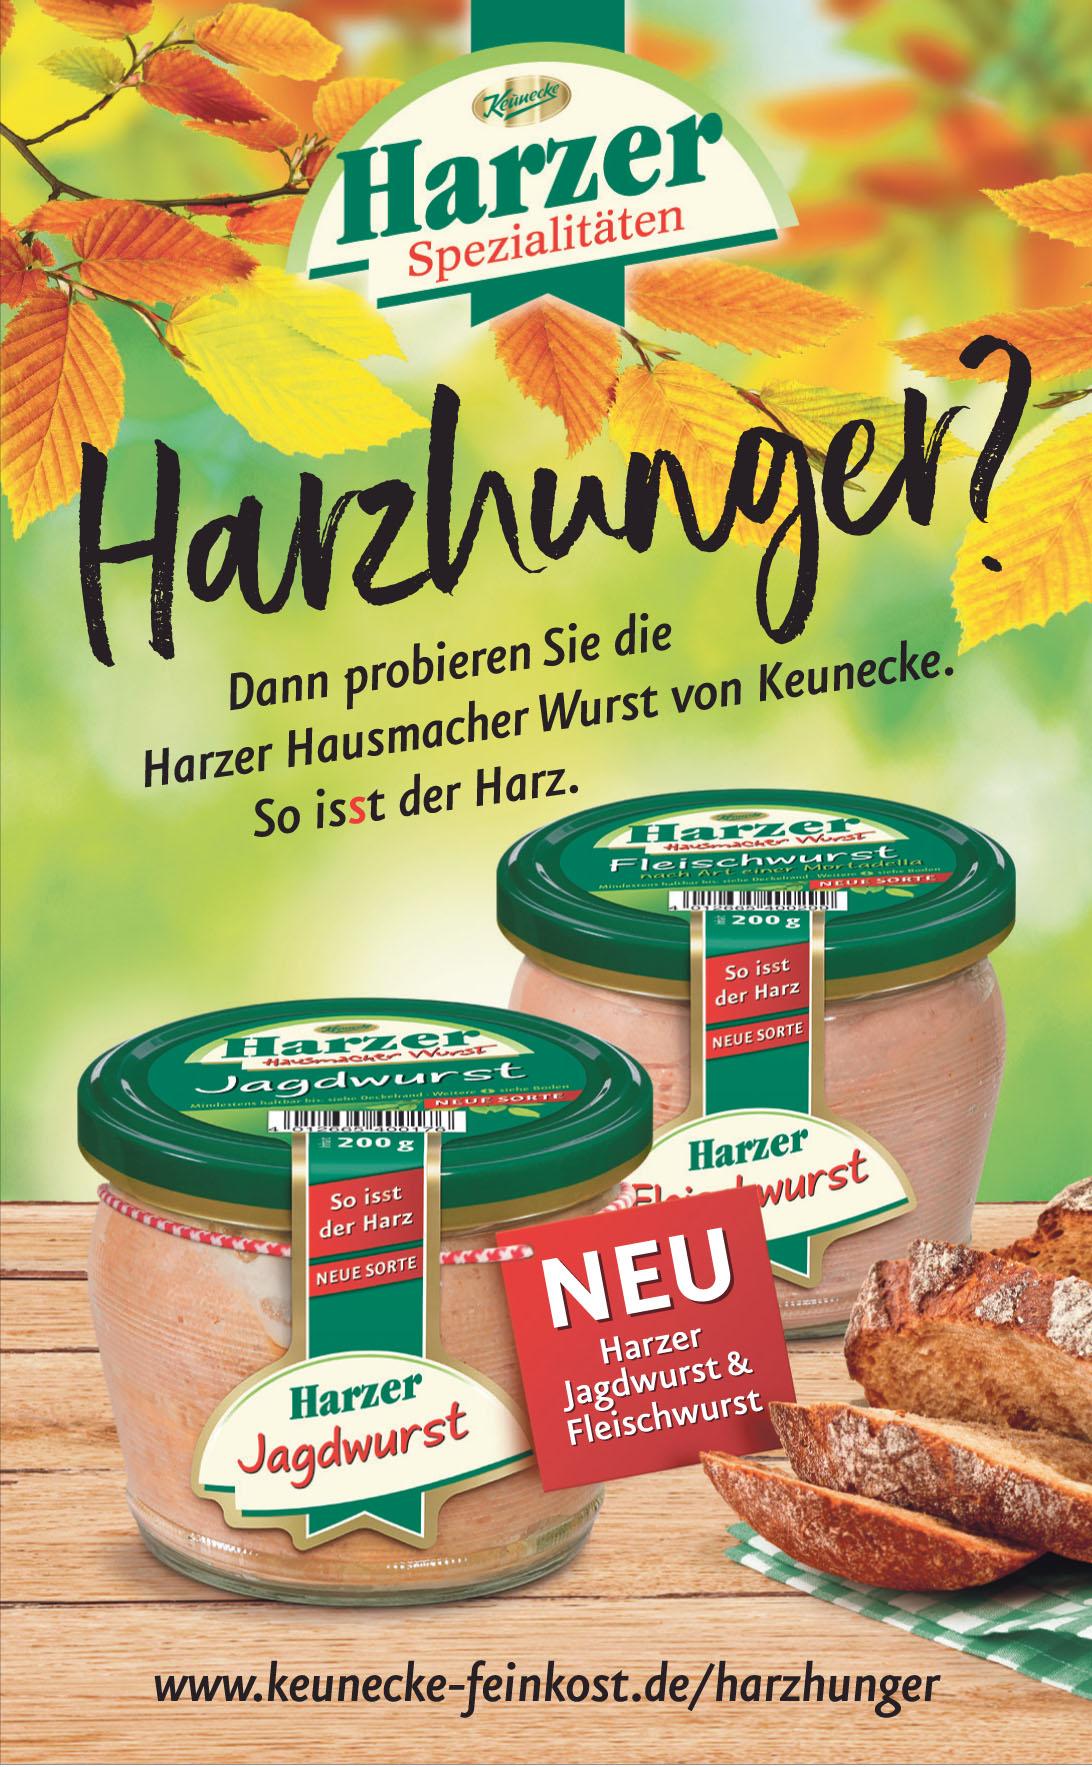 Keünecke Harzer Spezialitäten